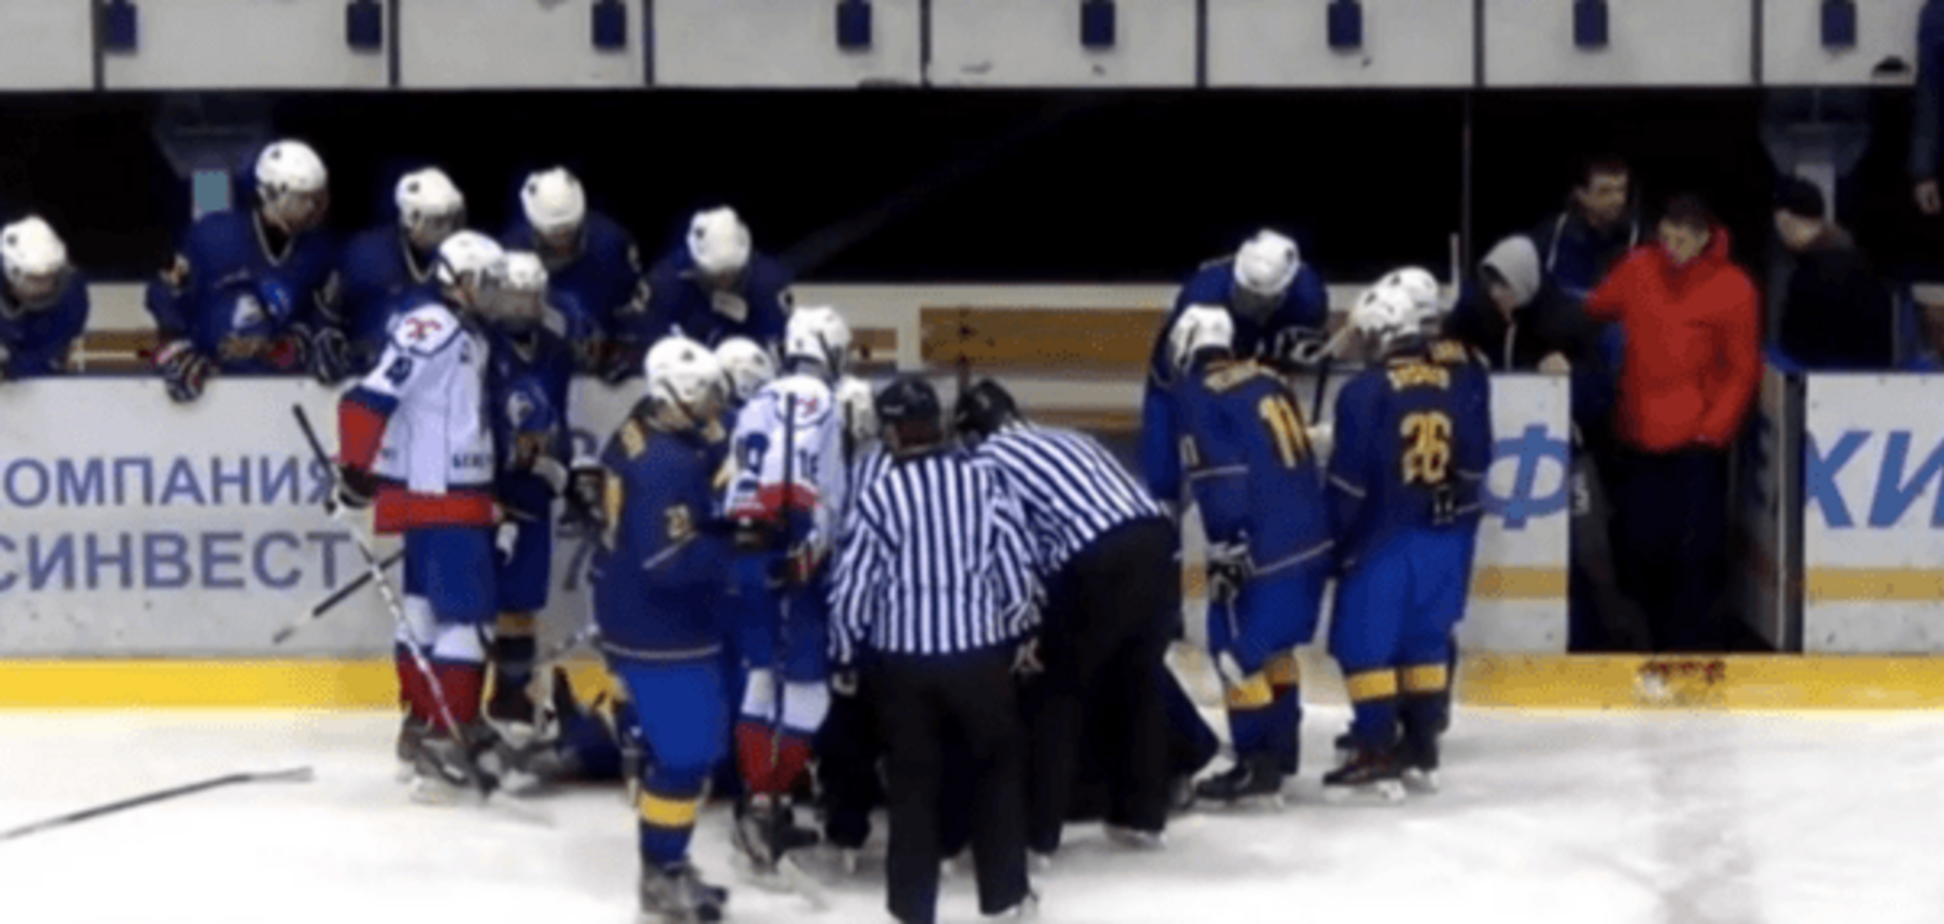 Герой дня! Український хокеїст врятував життя гравцю під час матчу: моторошне відео